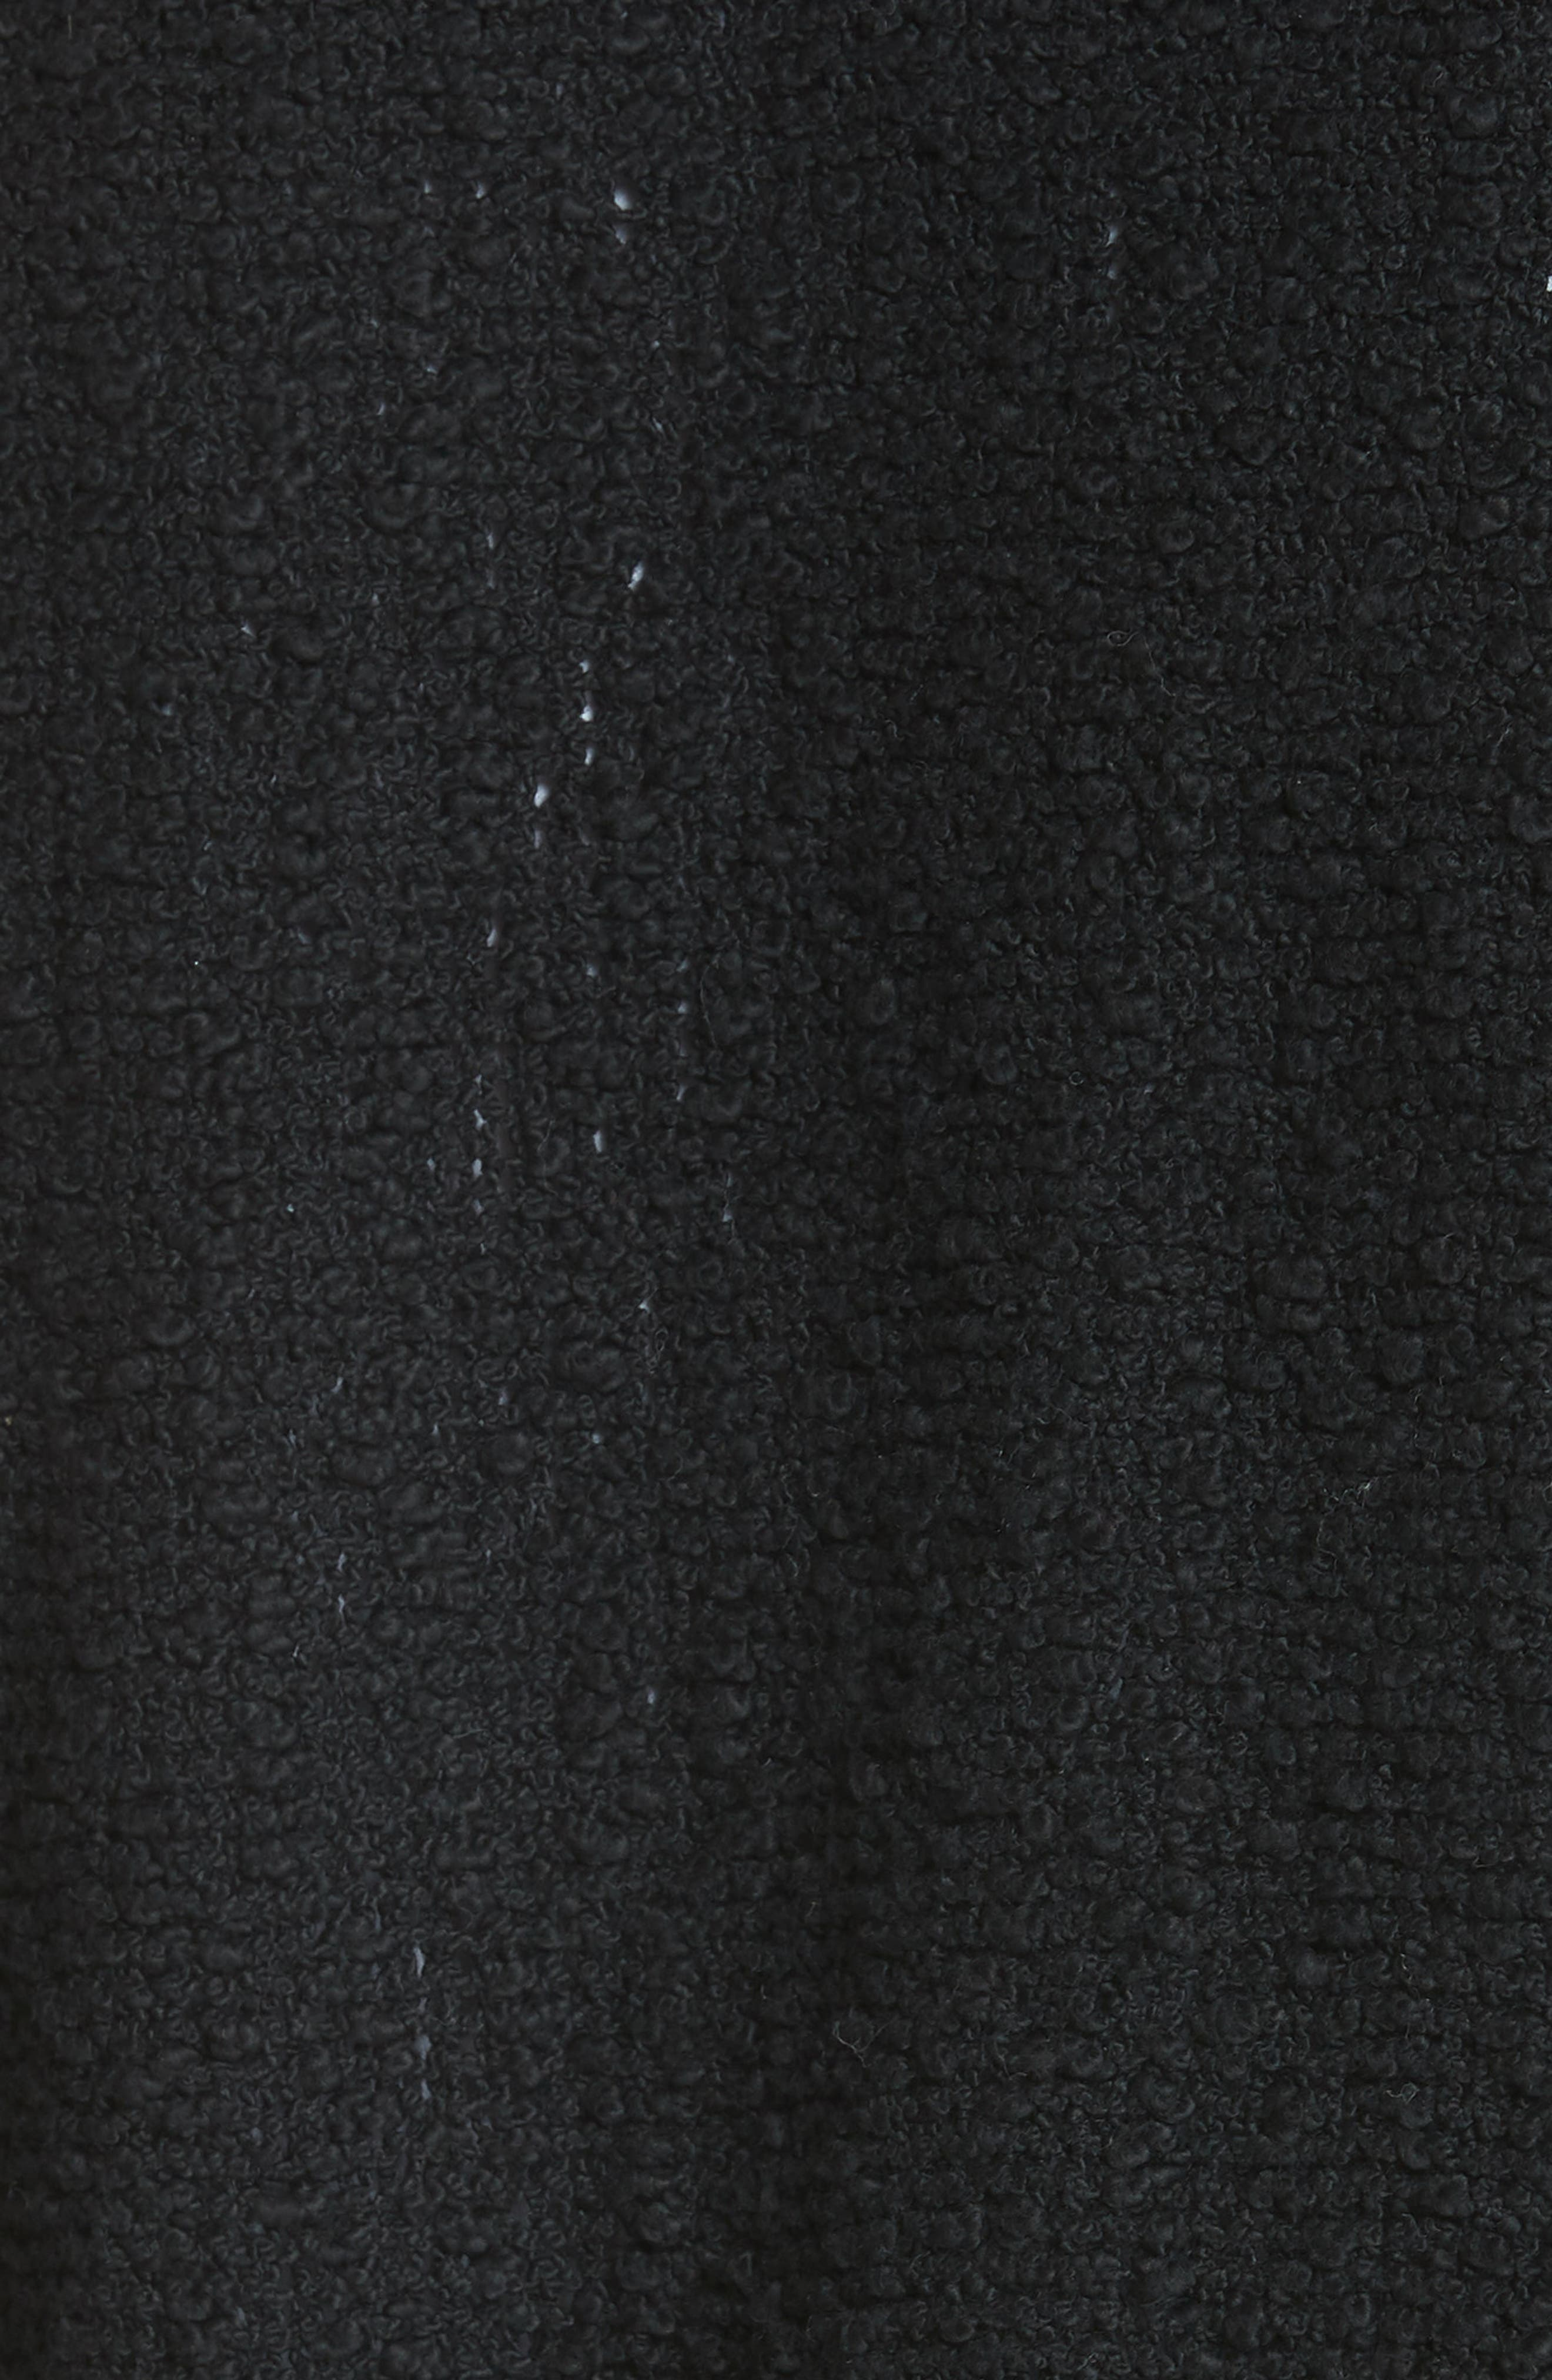 Shavani Tweed Jacket,                             Alternate thumbnail 5, color,                             Black